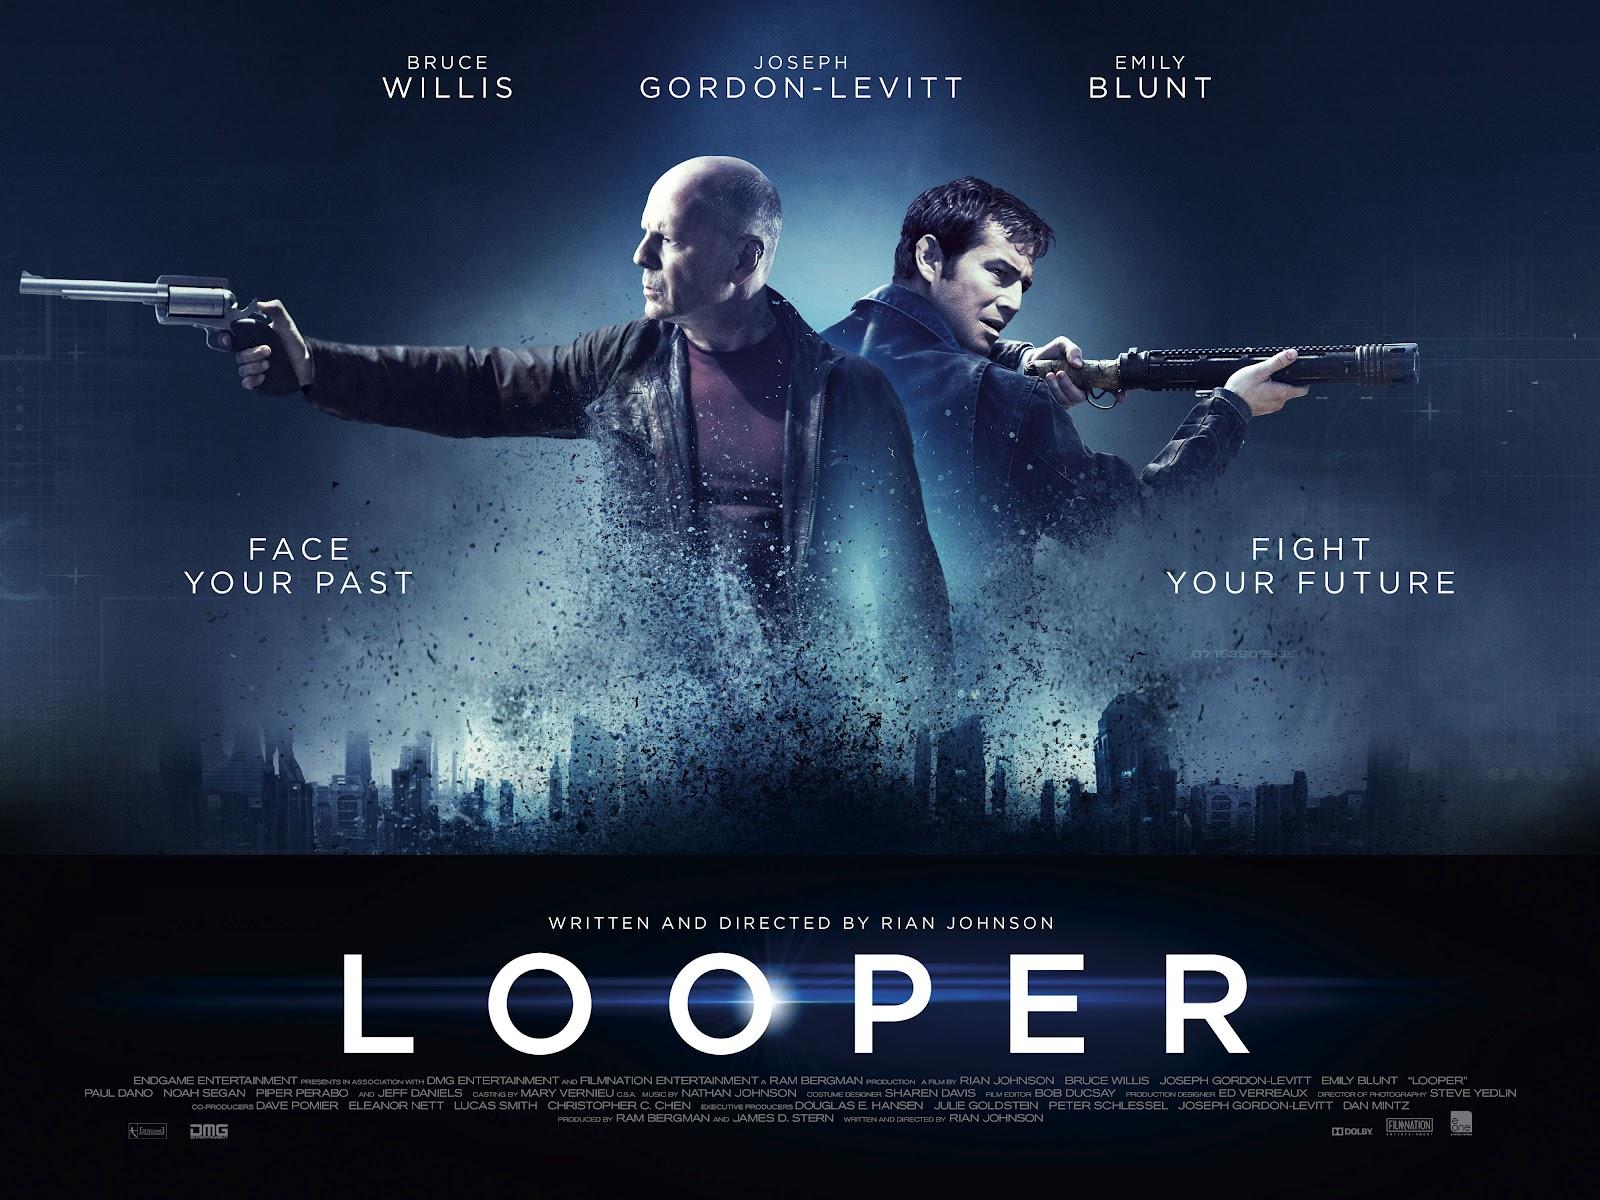 http://4.bp.blogspot.com/-yGxVLQ1oAQ0/UFwlu4koUHI/AAAAAAAAAOY/TCCBaqdI6FU/s1600/looper-poster-quad.jpg